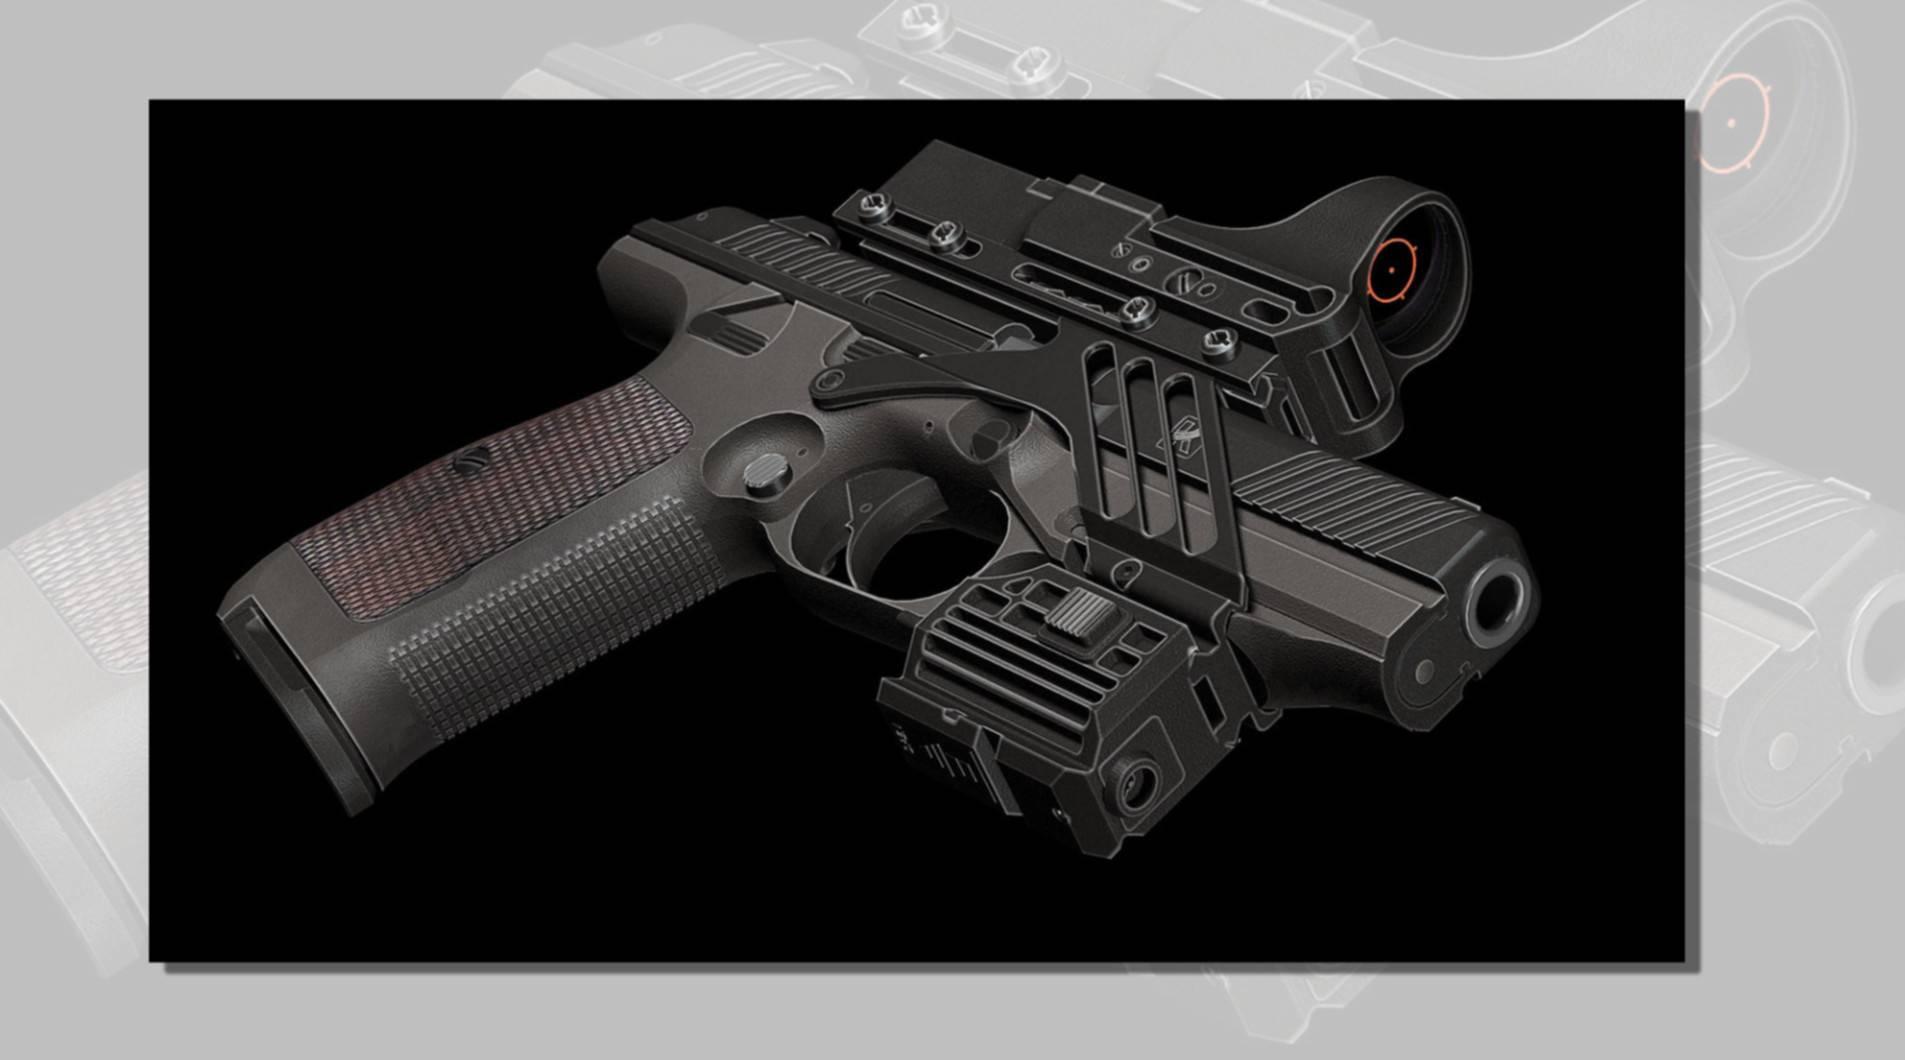 Глок заглох. новый пистолет концерна калашников пл-15 превзошел самые смелые ожидания